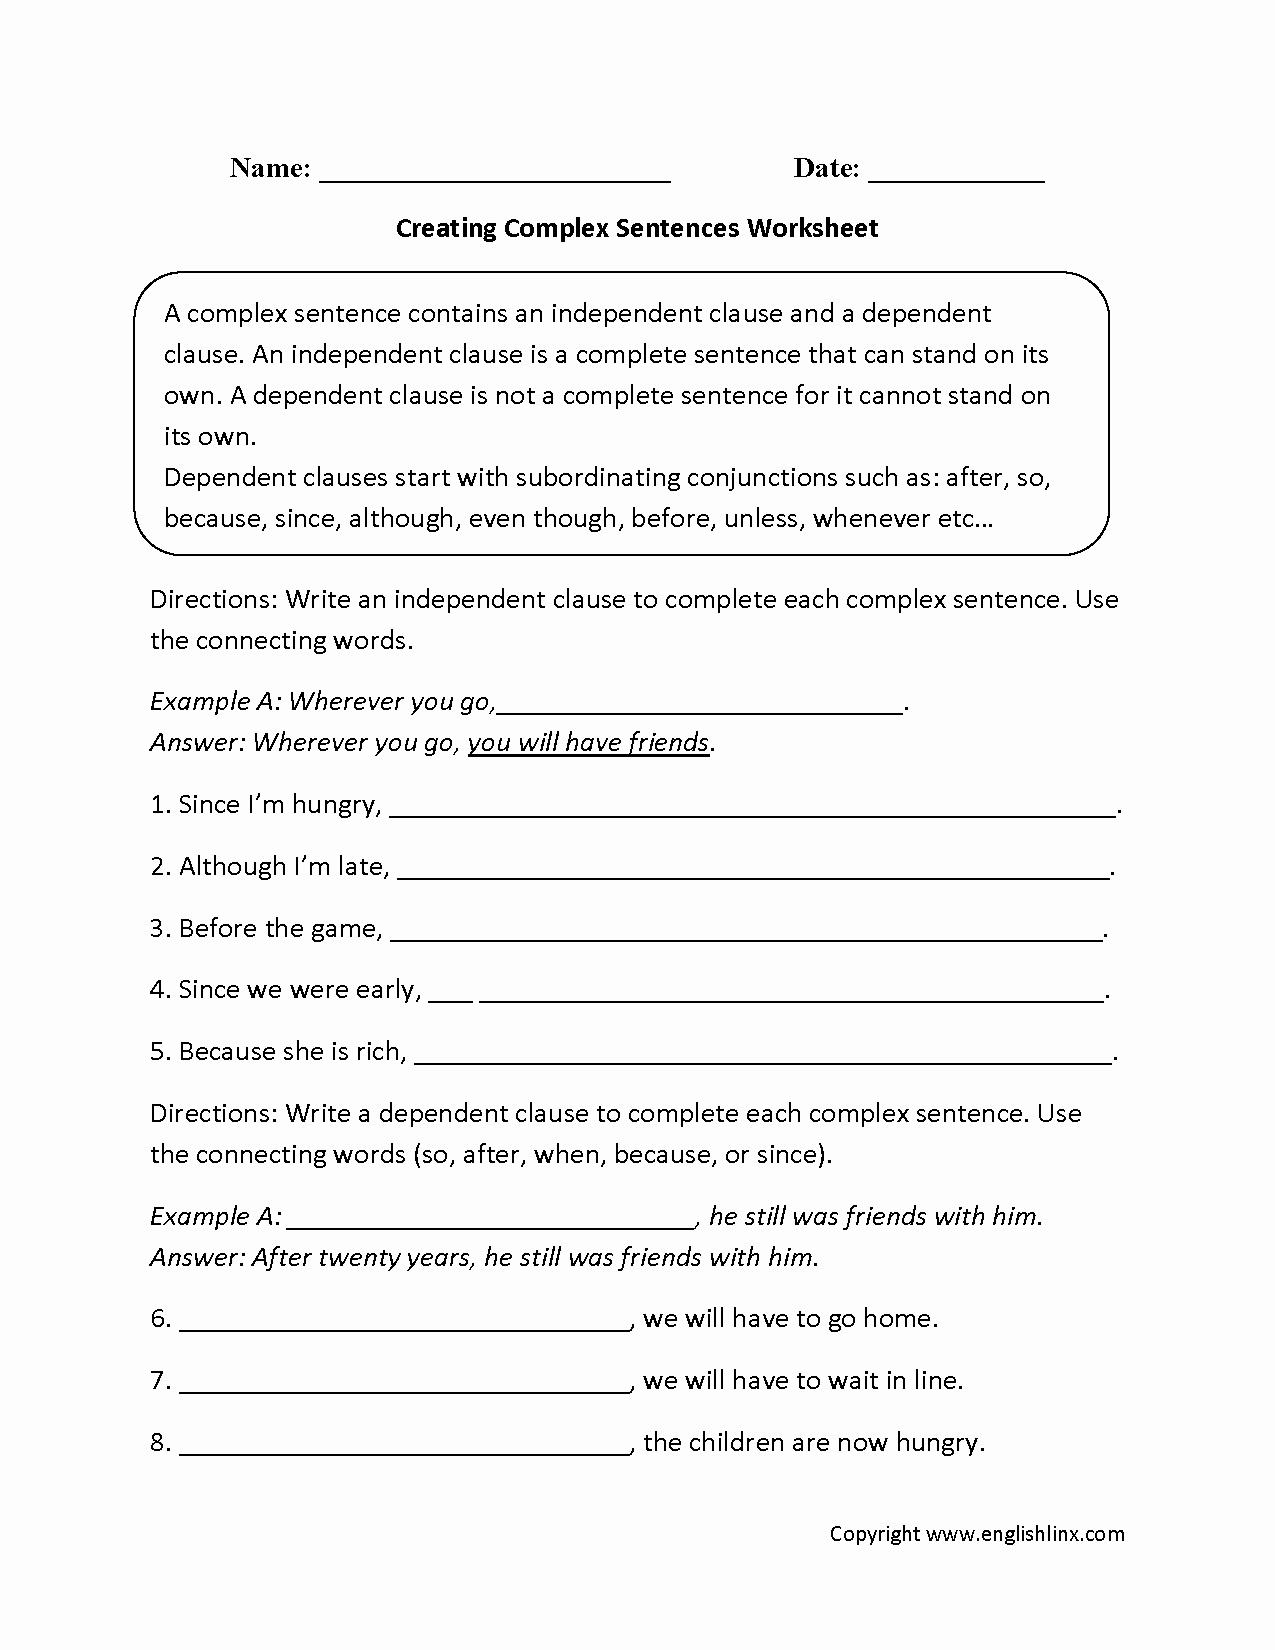 Complex Sentences Worksheets with Answers Unique Sentences Worksheets